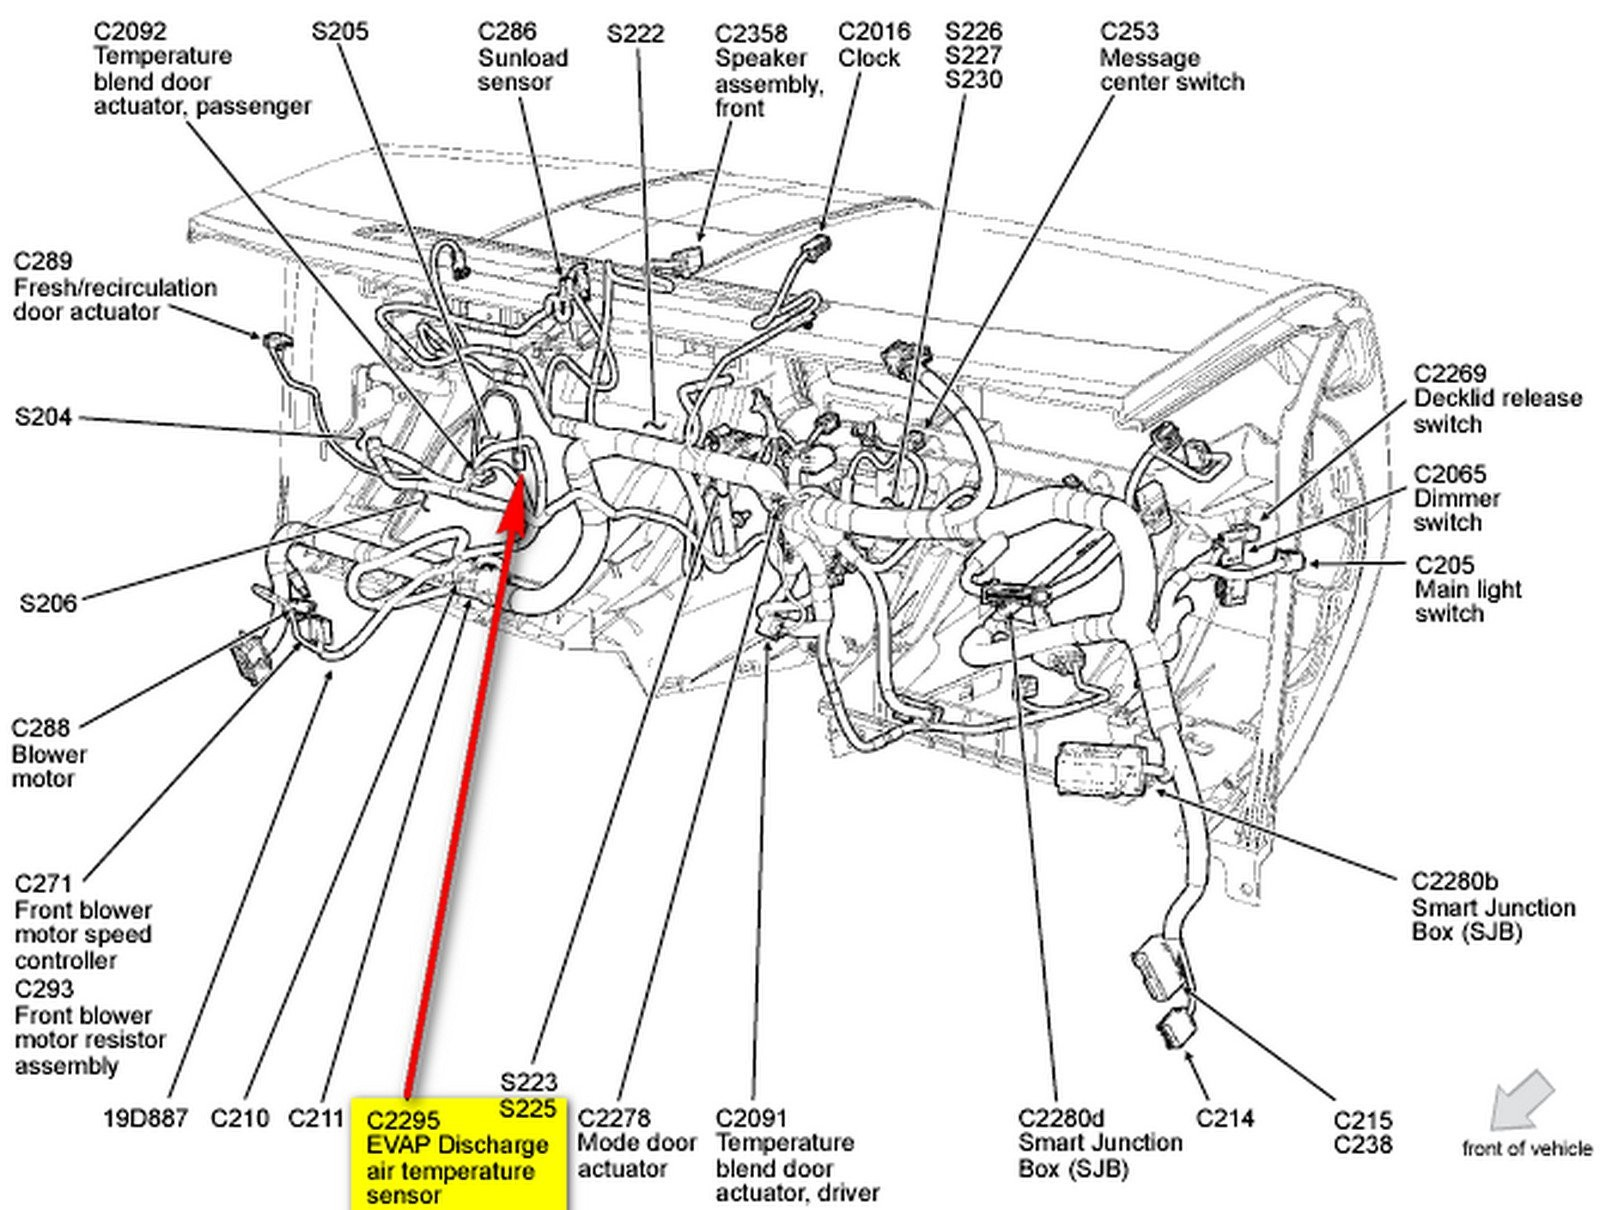 2014 ford Focus Engine Diagram 2000 ford Focus O2 Sensor